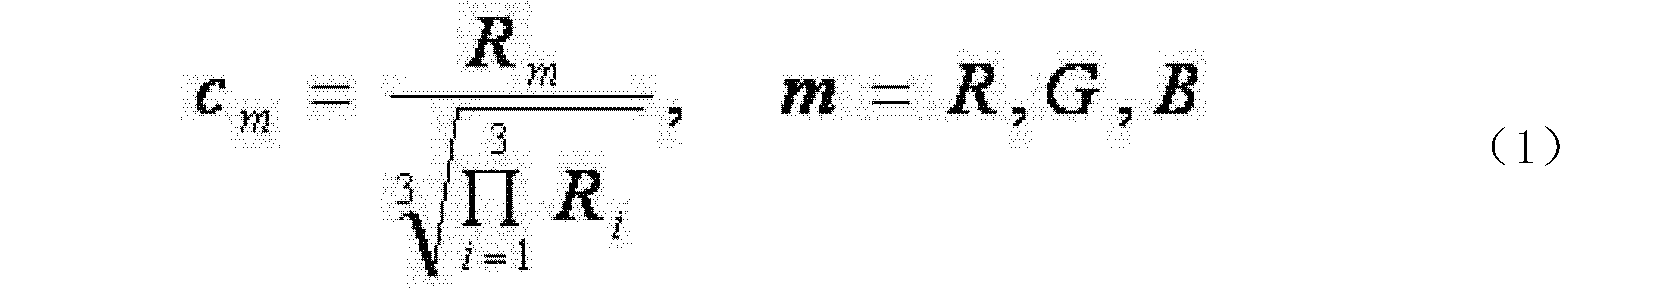 Figure CN102509278AC00021